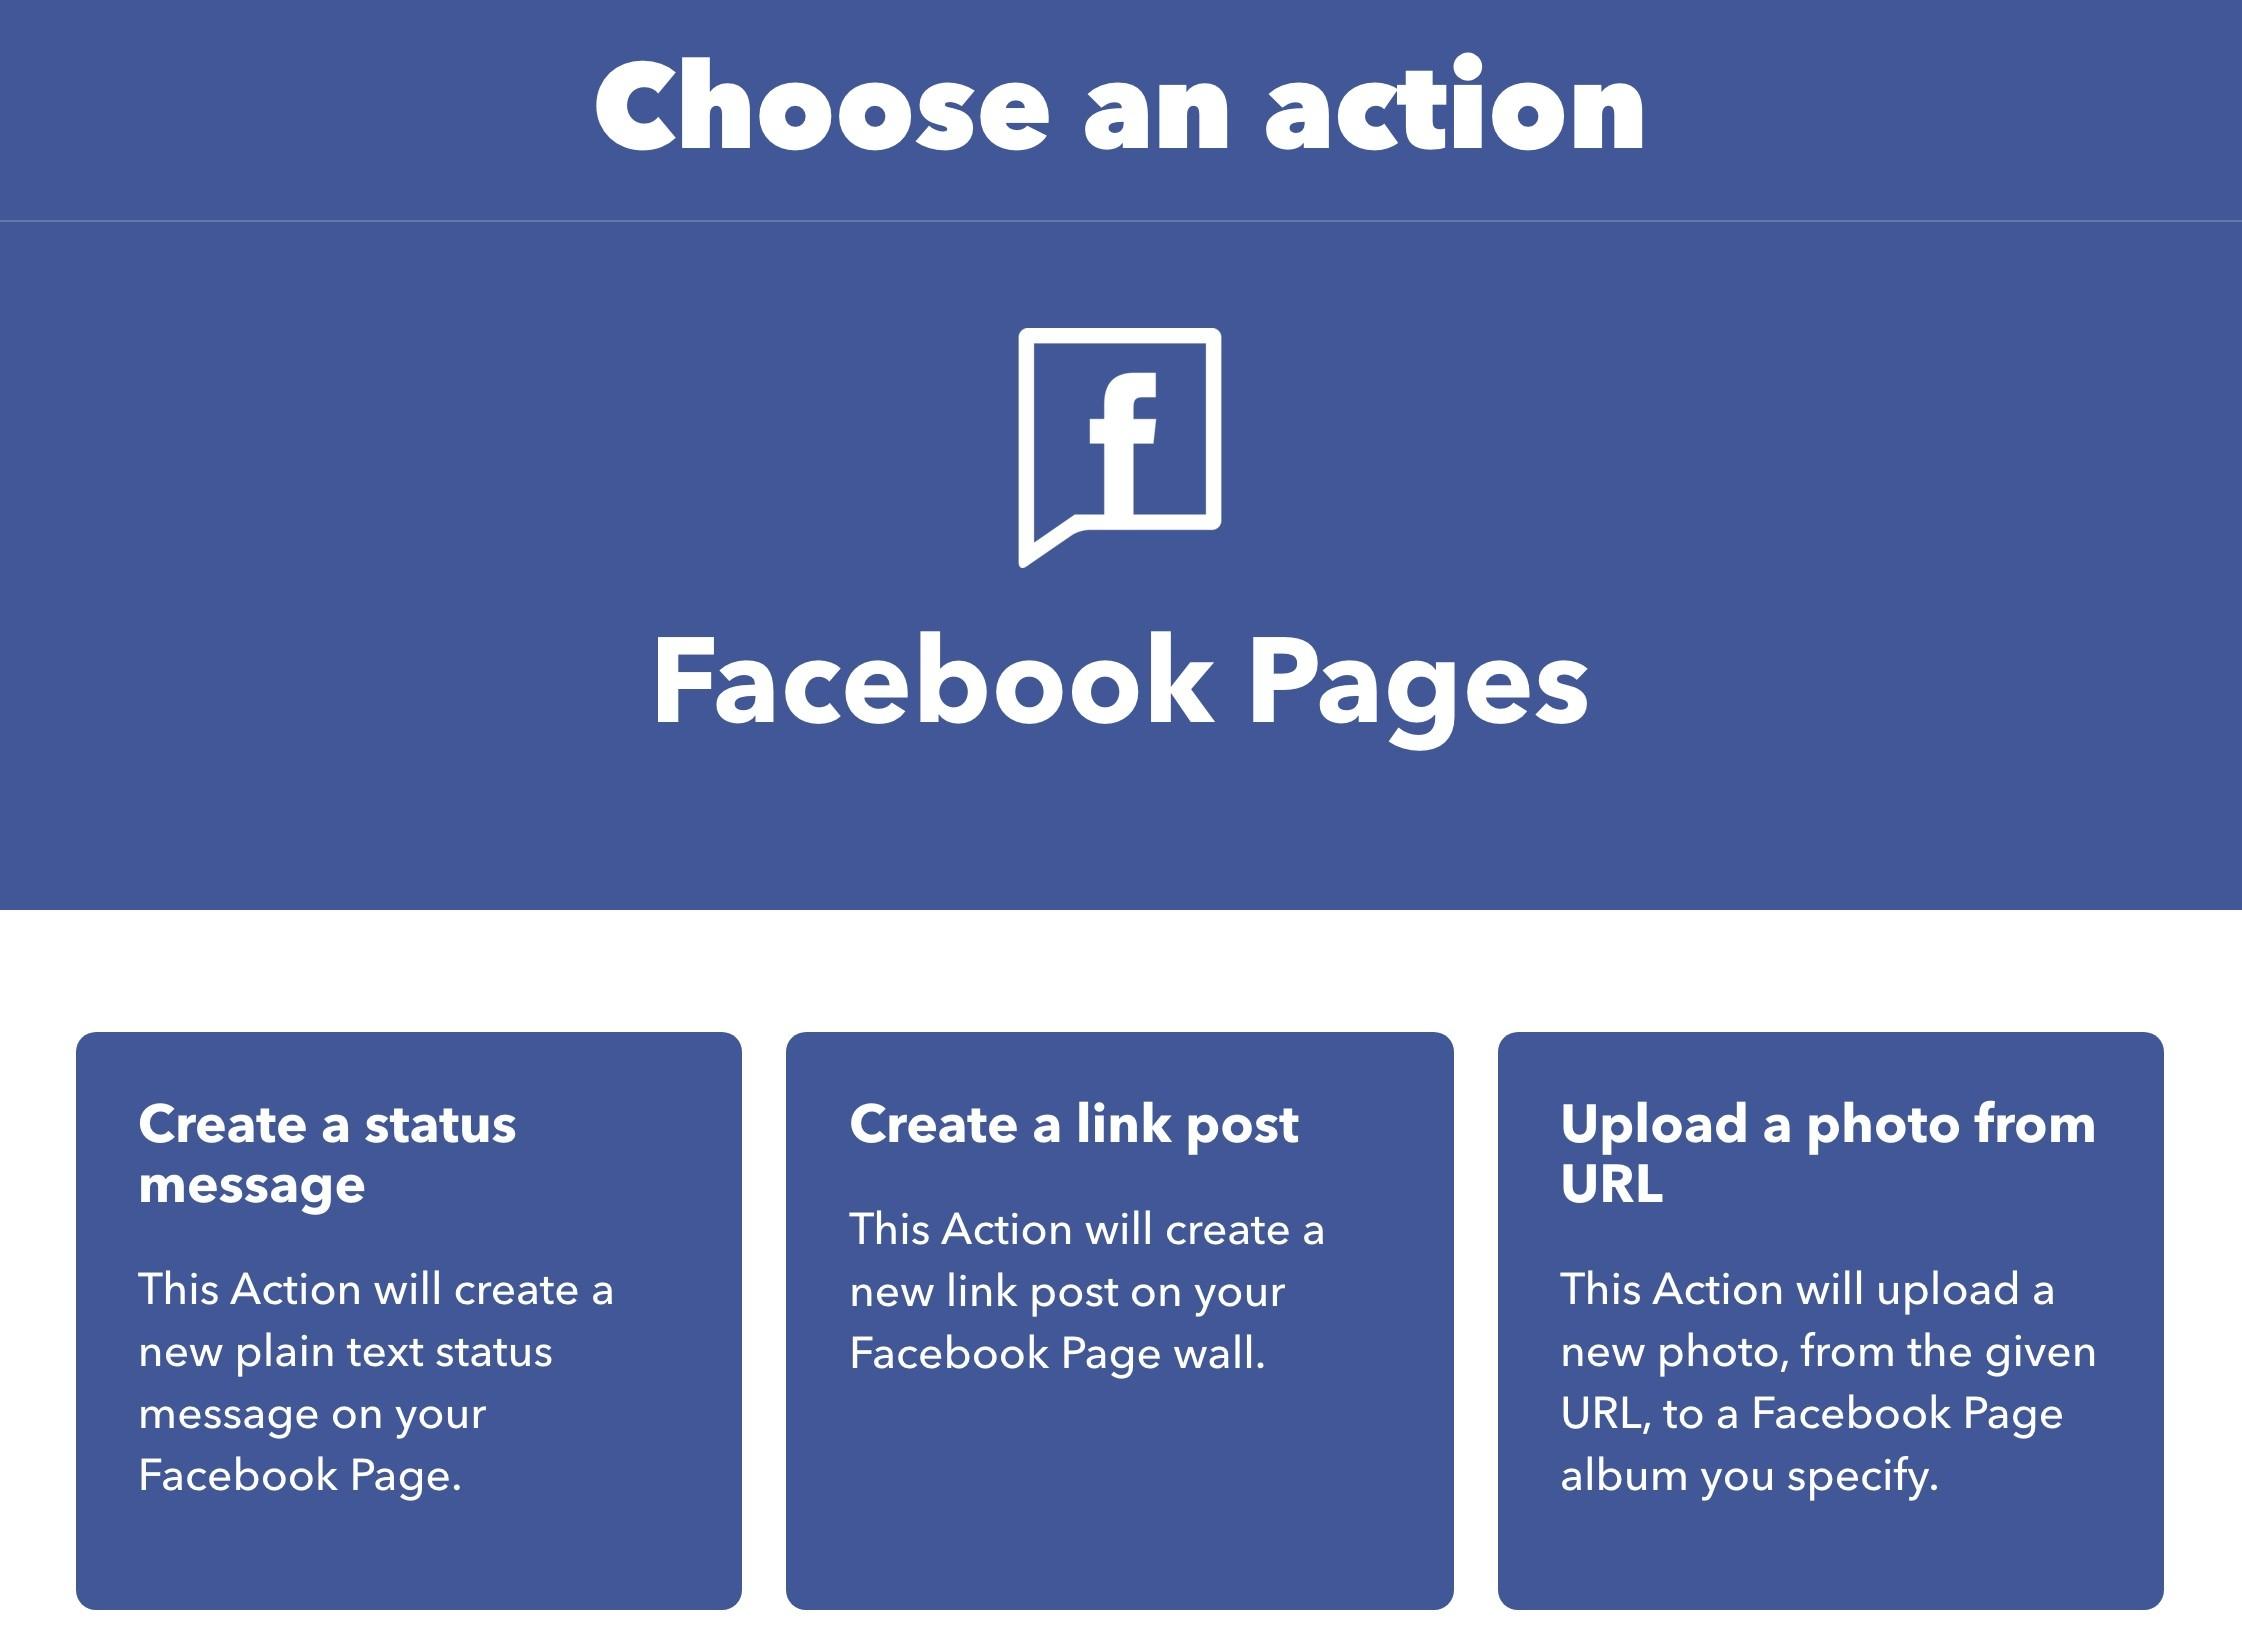 SEO und Social Marketing Automatisierung für Shopware 9 - Facebook Optionen